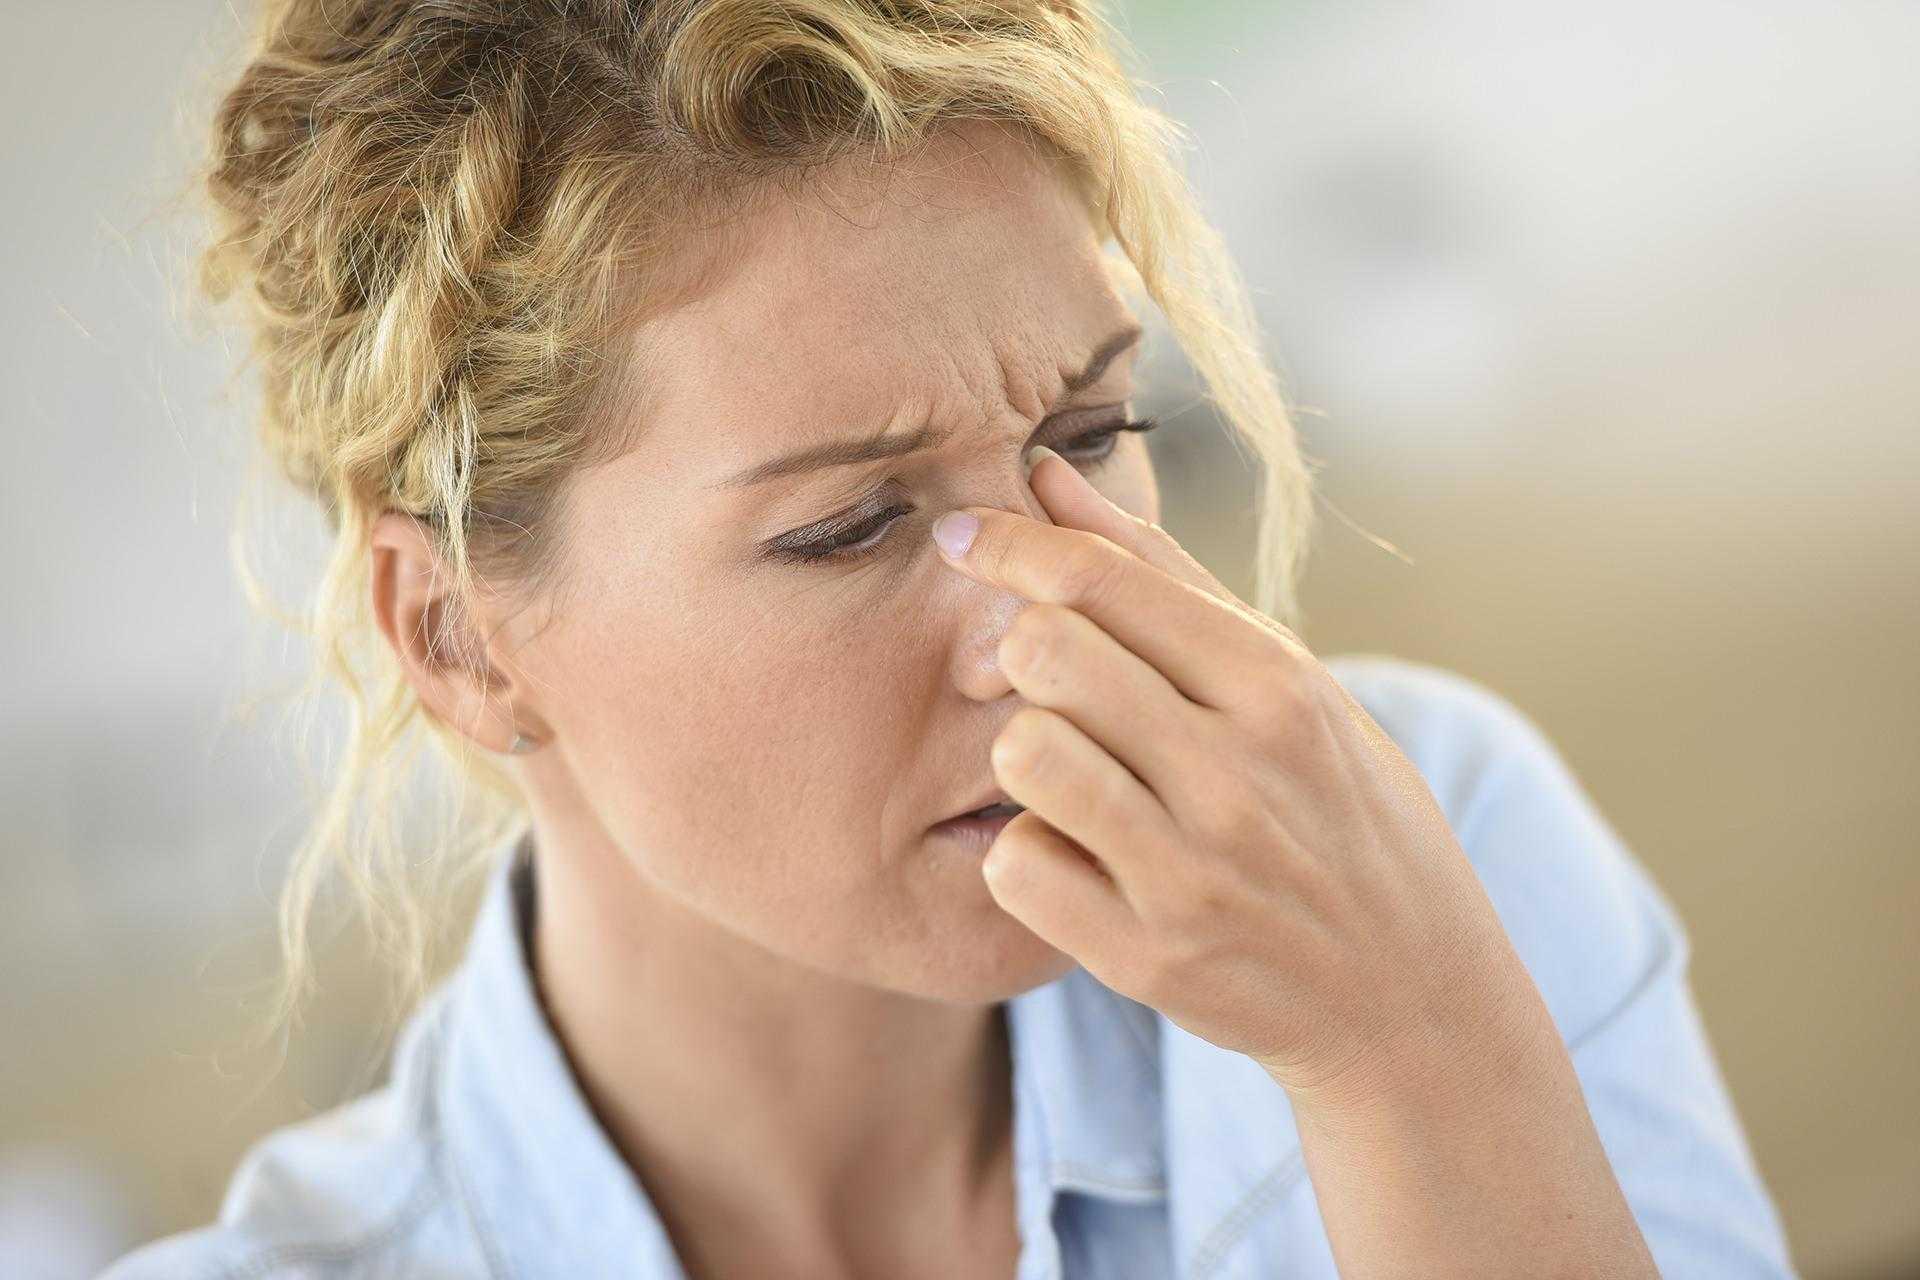 Причины инфекций носовых пазух - синусит